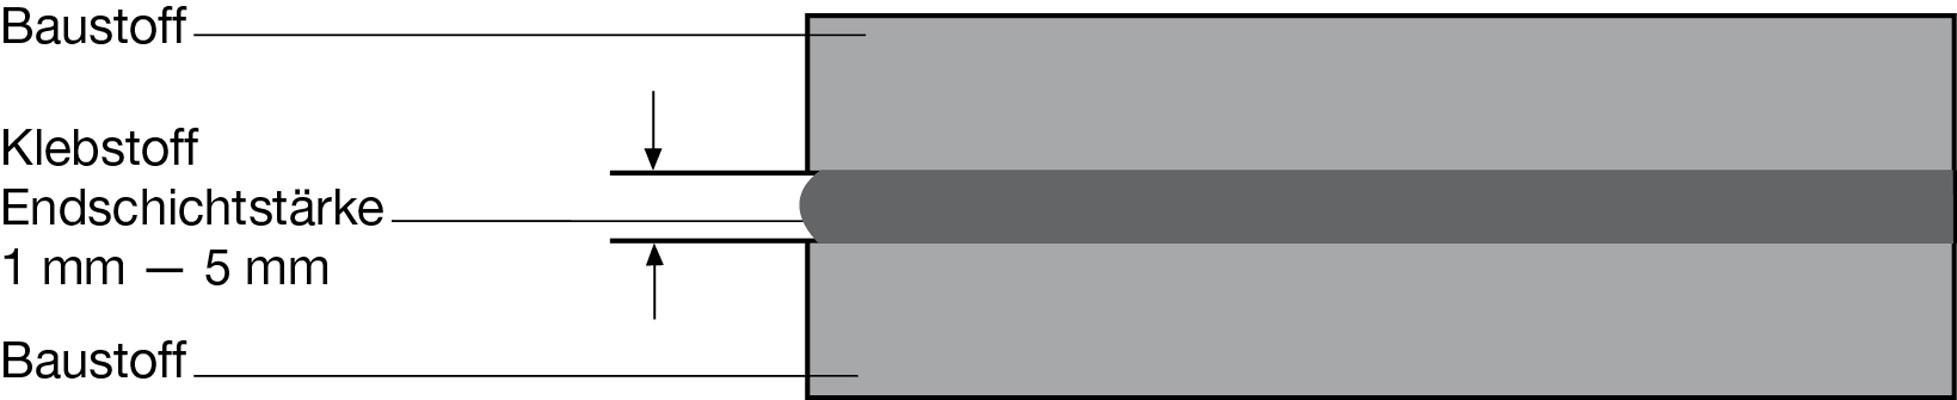 7Konstruktion der Klebstoff-Fugen/Abdichtungen in IVD-Merkblatt 30 - Montageklebstoffe für Klebungen und Abdichtungen auf www.abdichten.de